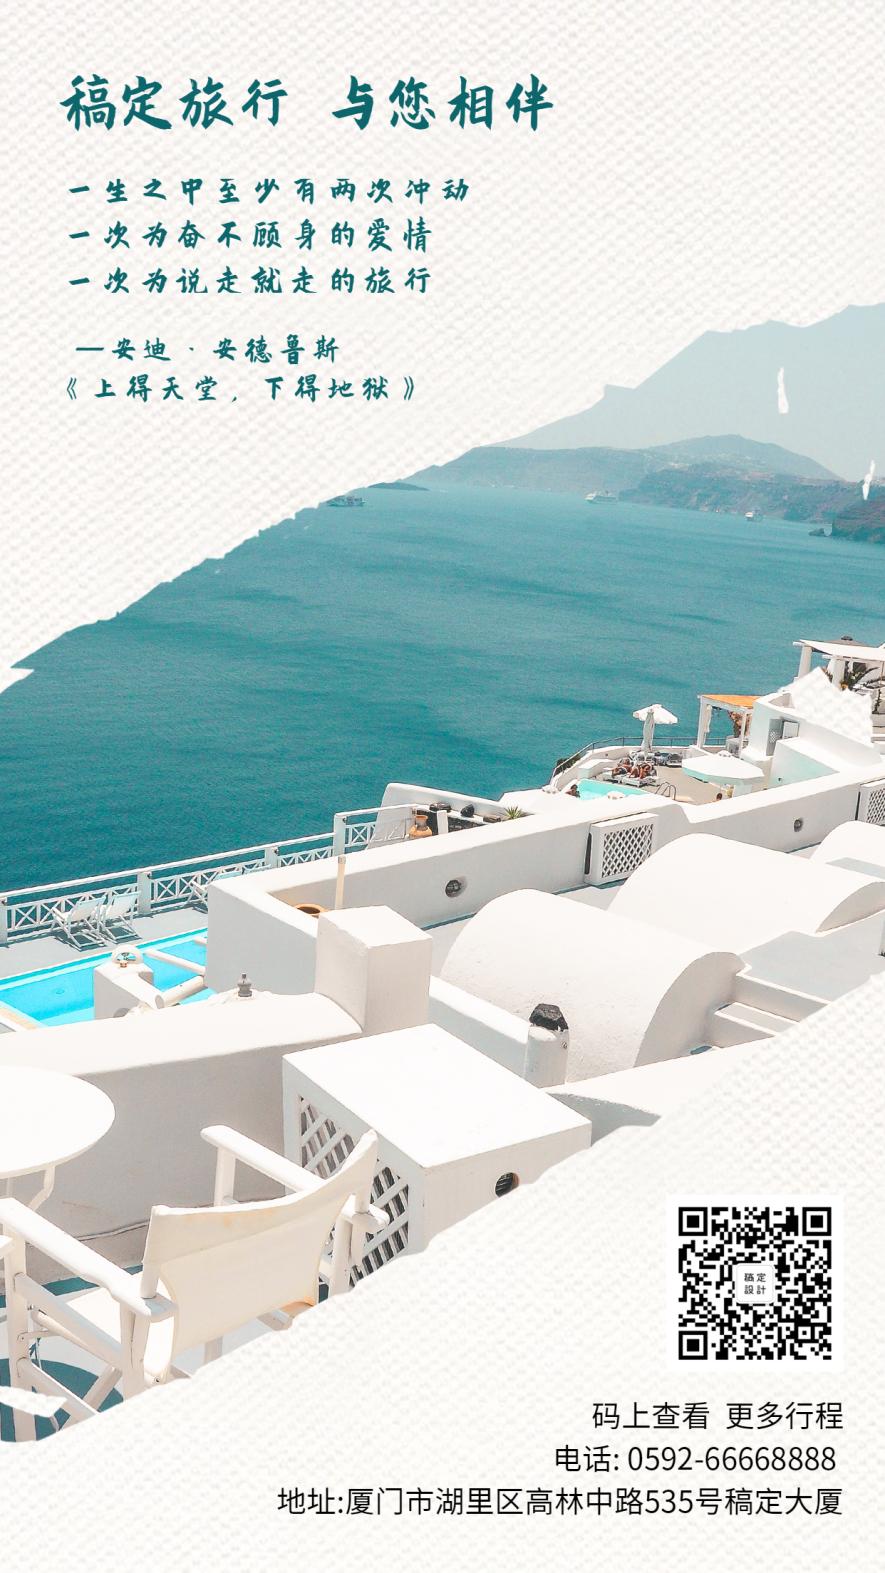 国外游/旅游氛围/手机海报